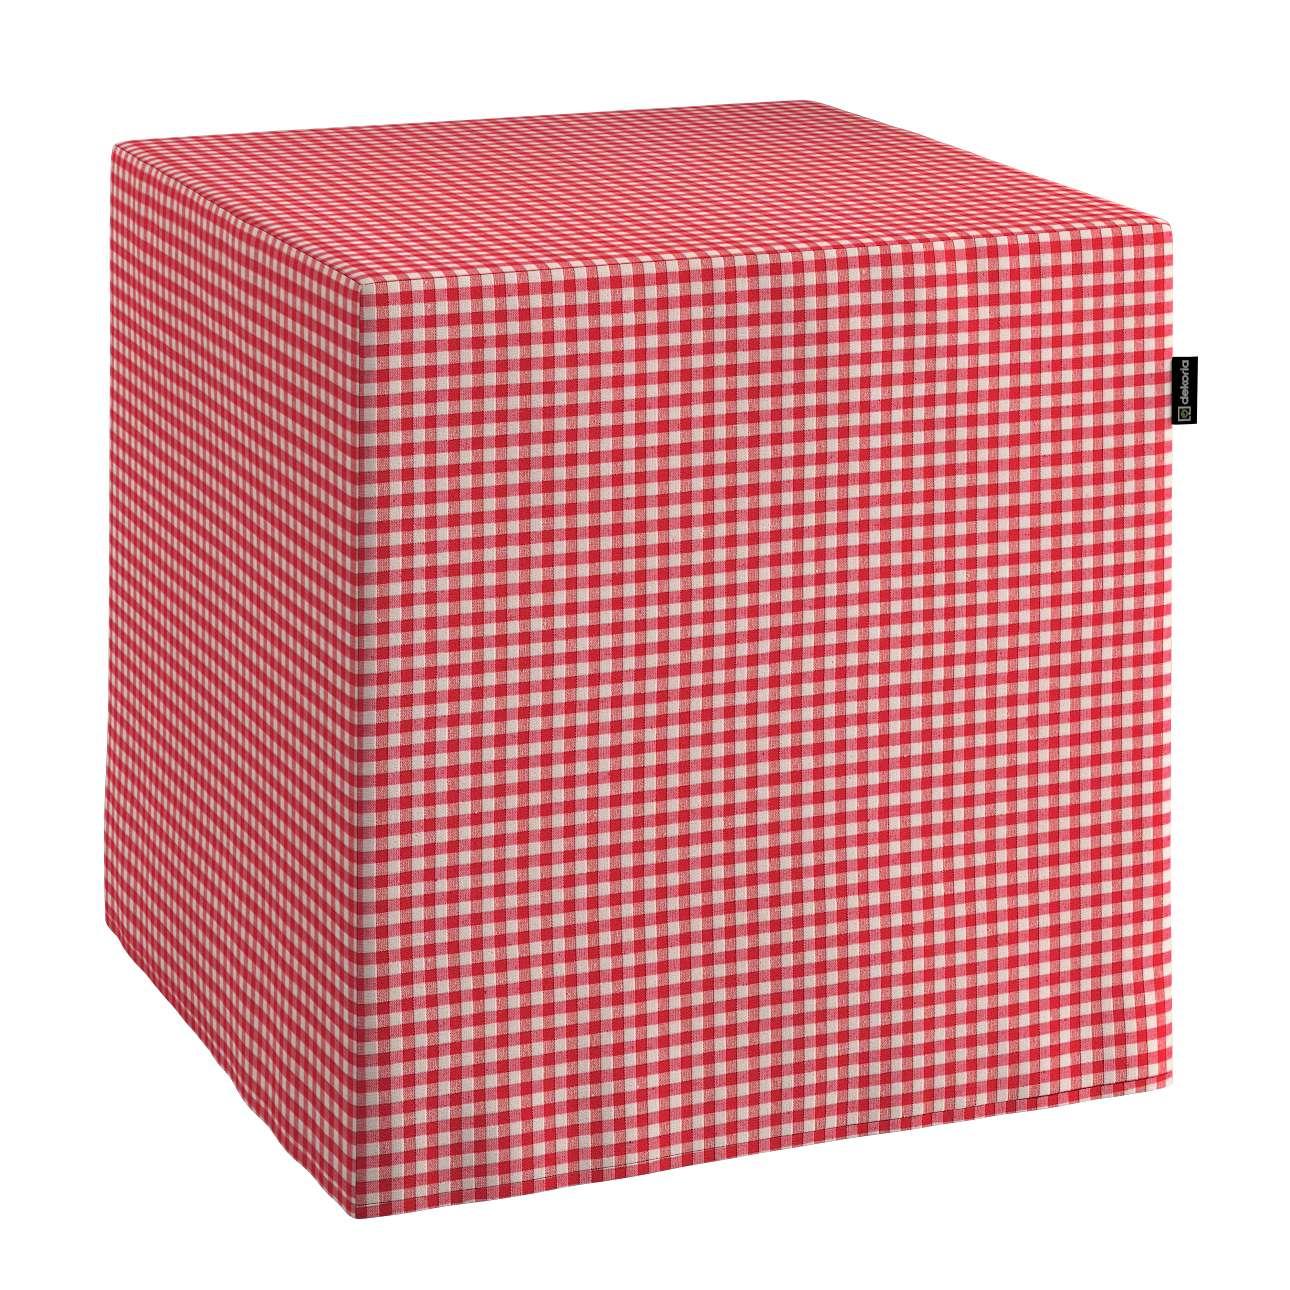 Sitzwürfel, rot-ecru , 40 × 40 × 40 cm, Quadro   Wohnzimmer > Hocker & Poufs > Sitzwürfel   Dekoria